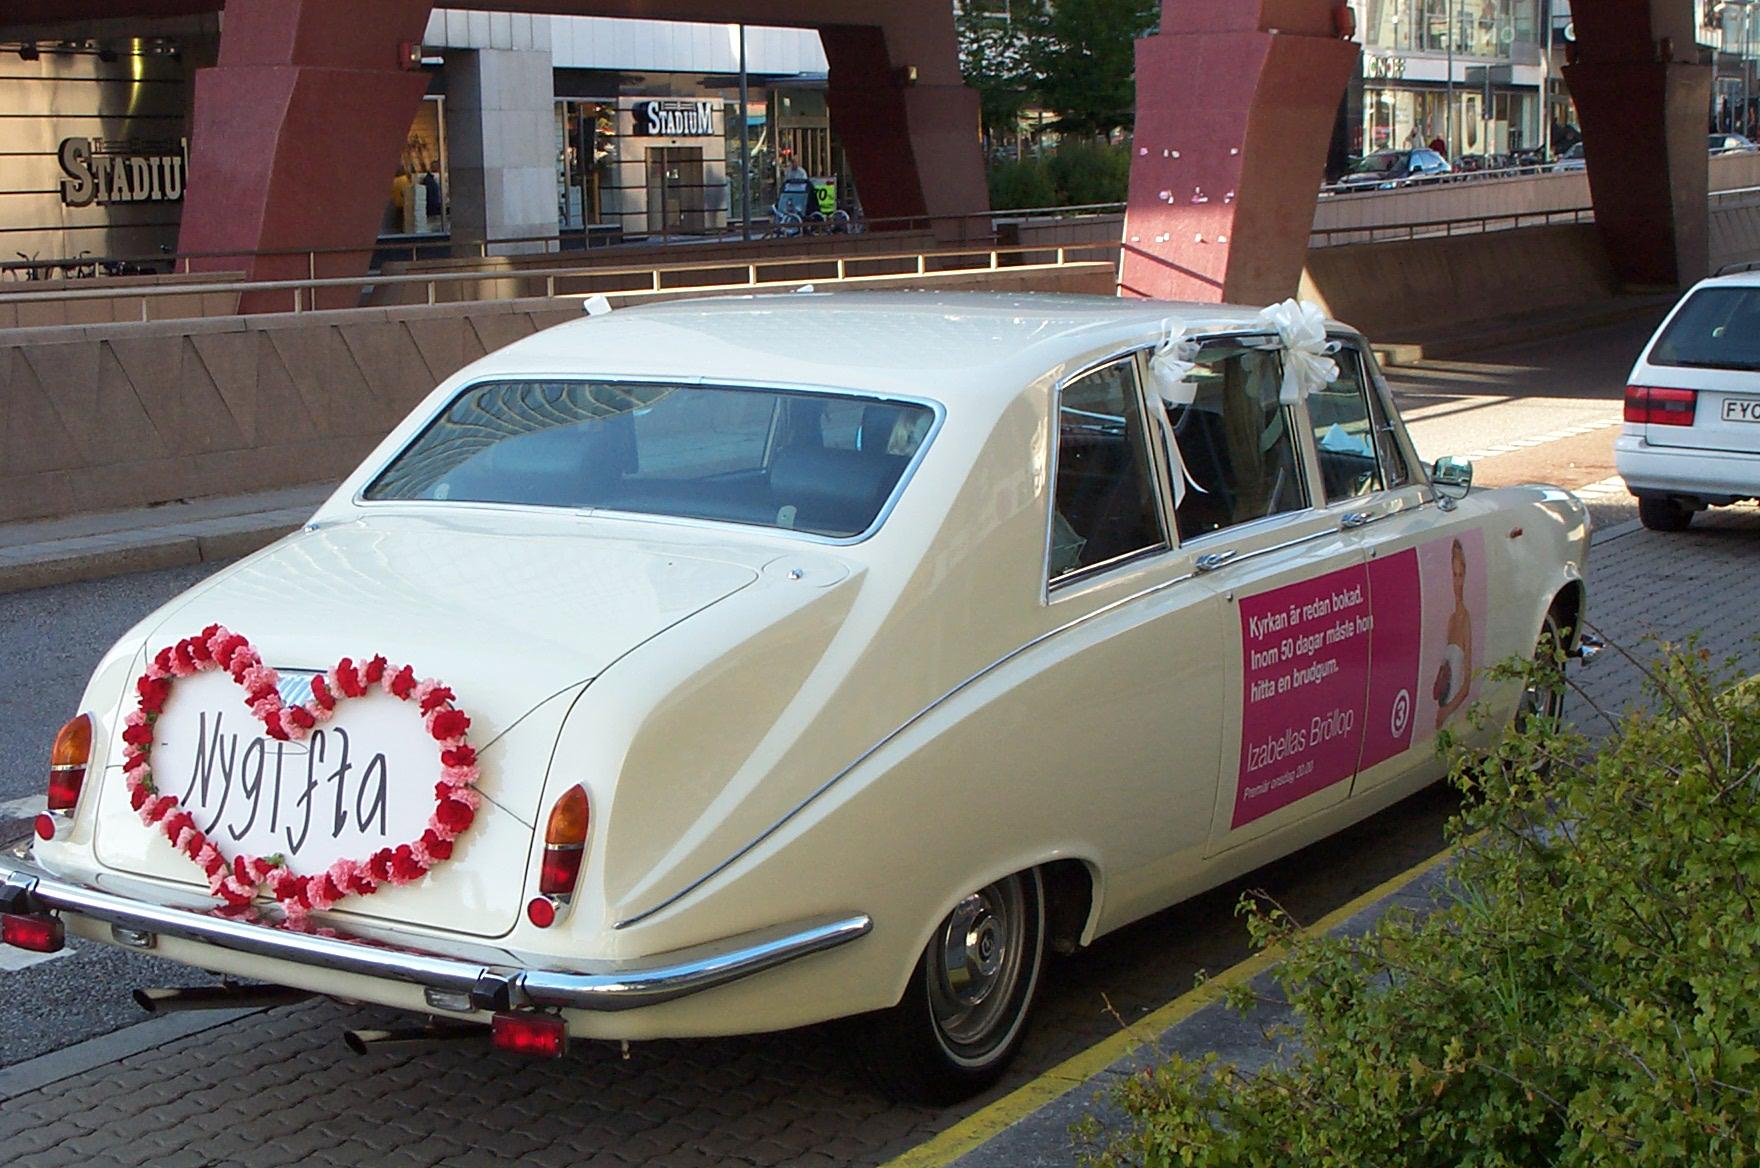 Nygifta, recién casados en sueco, foto: Israel Úbeda/sweetsweden.com